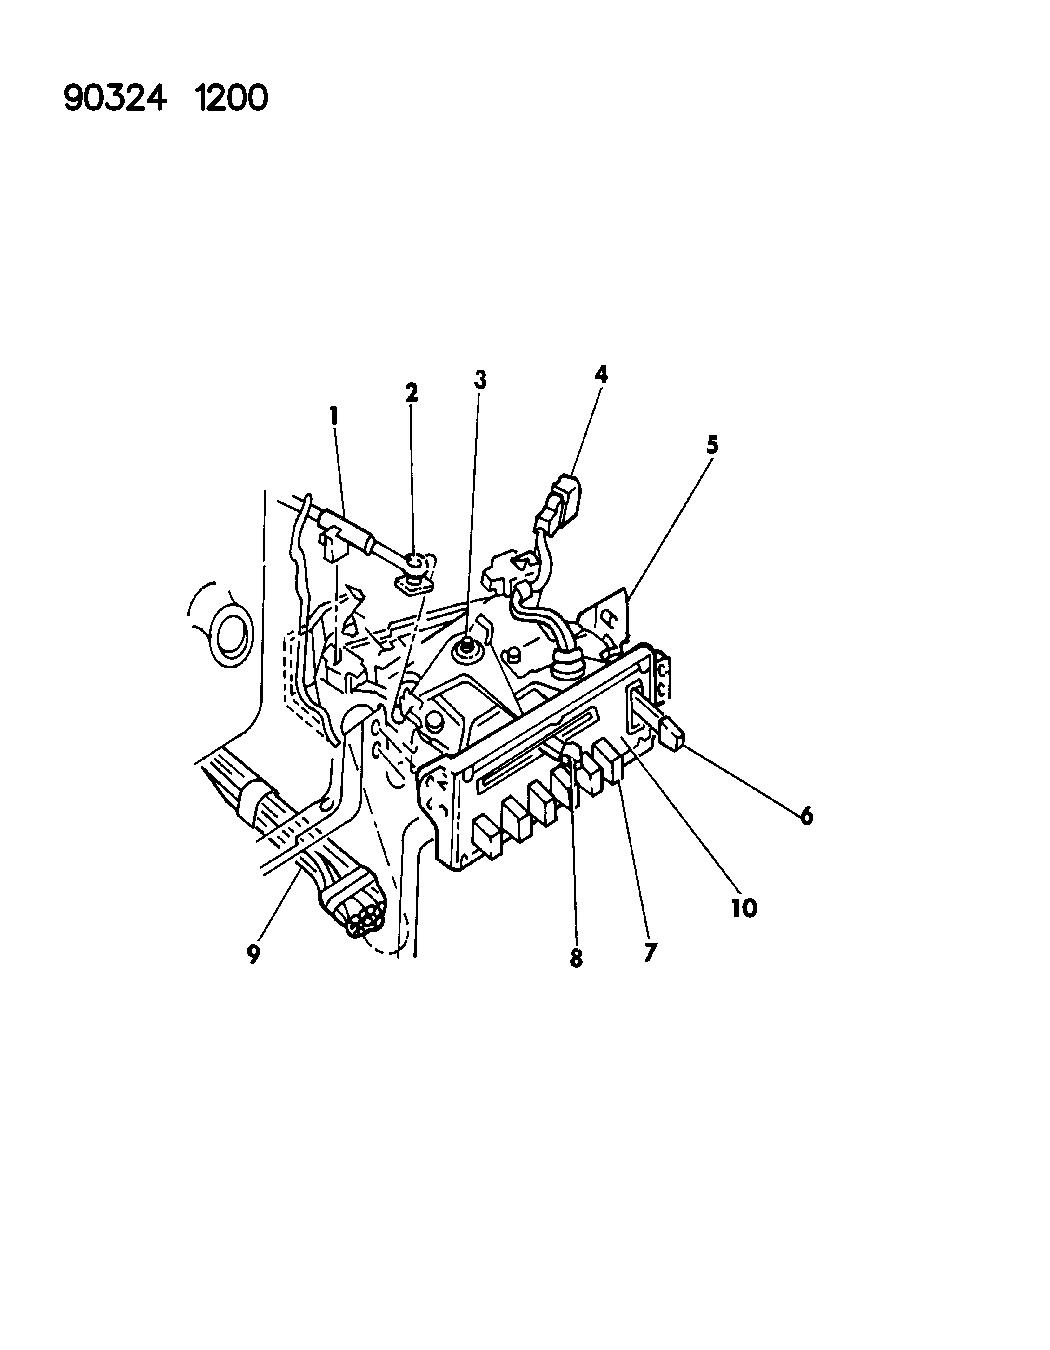 1993 Dodge W250 Control, A/C - Mopar Parts Giant on